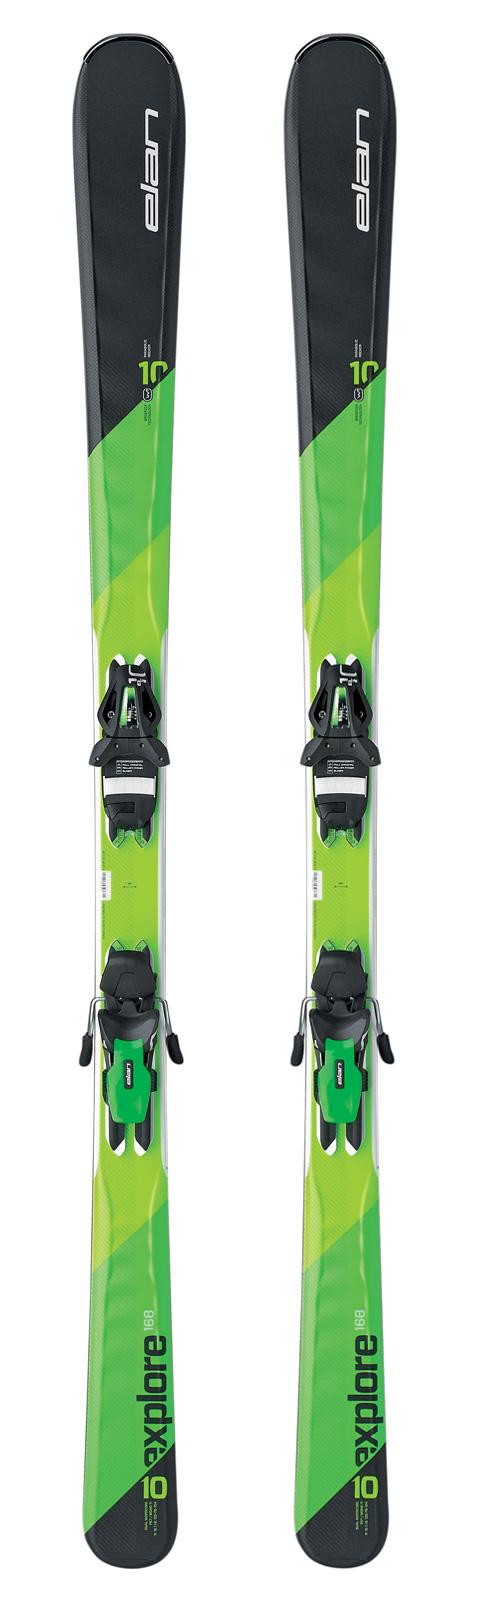 Горные лыжи с креплениями Elan 2016-17 EXPLORE 10 TI PS EL10.0